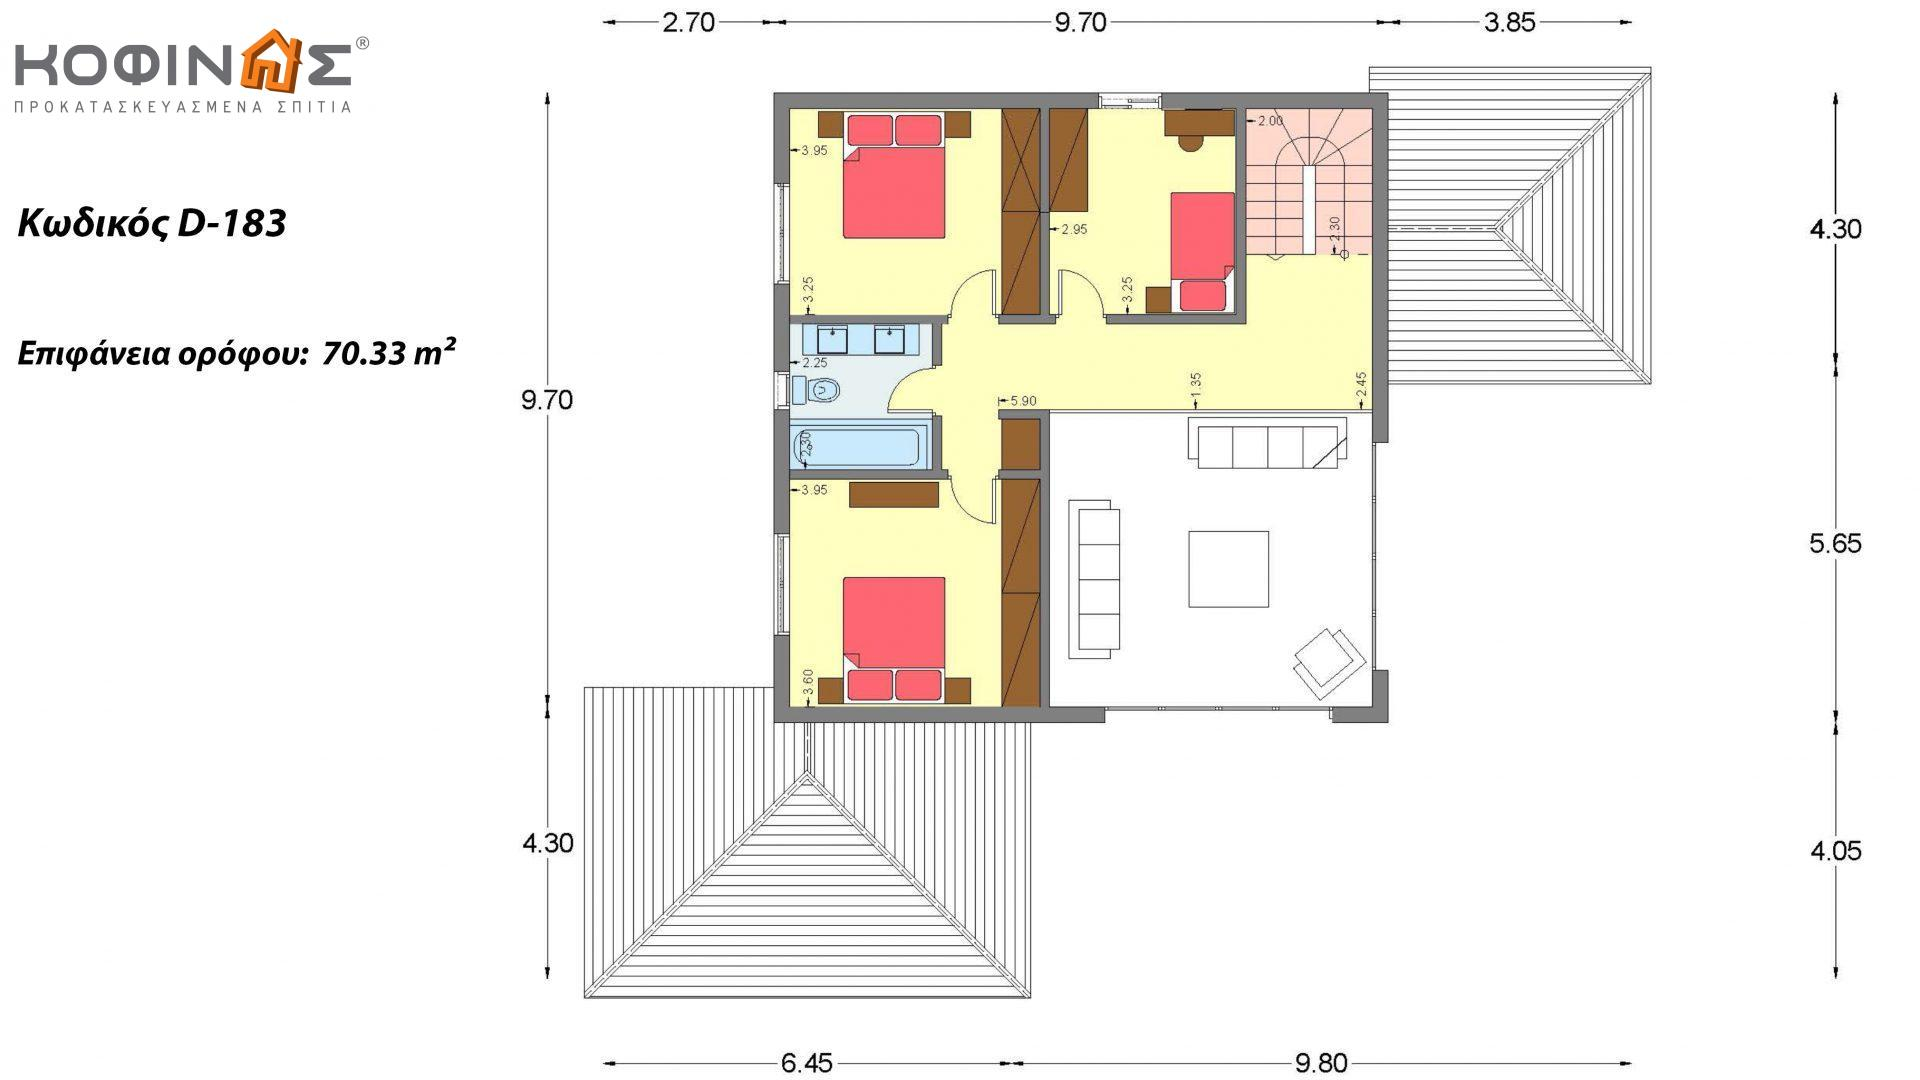 Διώροφη κατοικία D 183, συνολικής επιφάνειας 183,34 τ.μ.,+Γκαράζ 26,11 m²(=209,45 m²), στεγασμένοι χώροι 42,84 τ.μ., και μπαλκόνι (περίπτωση Β) 16.56 τ.μ.